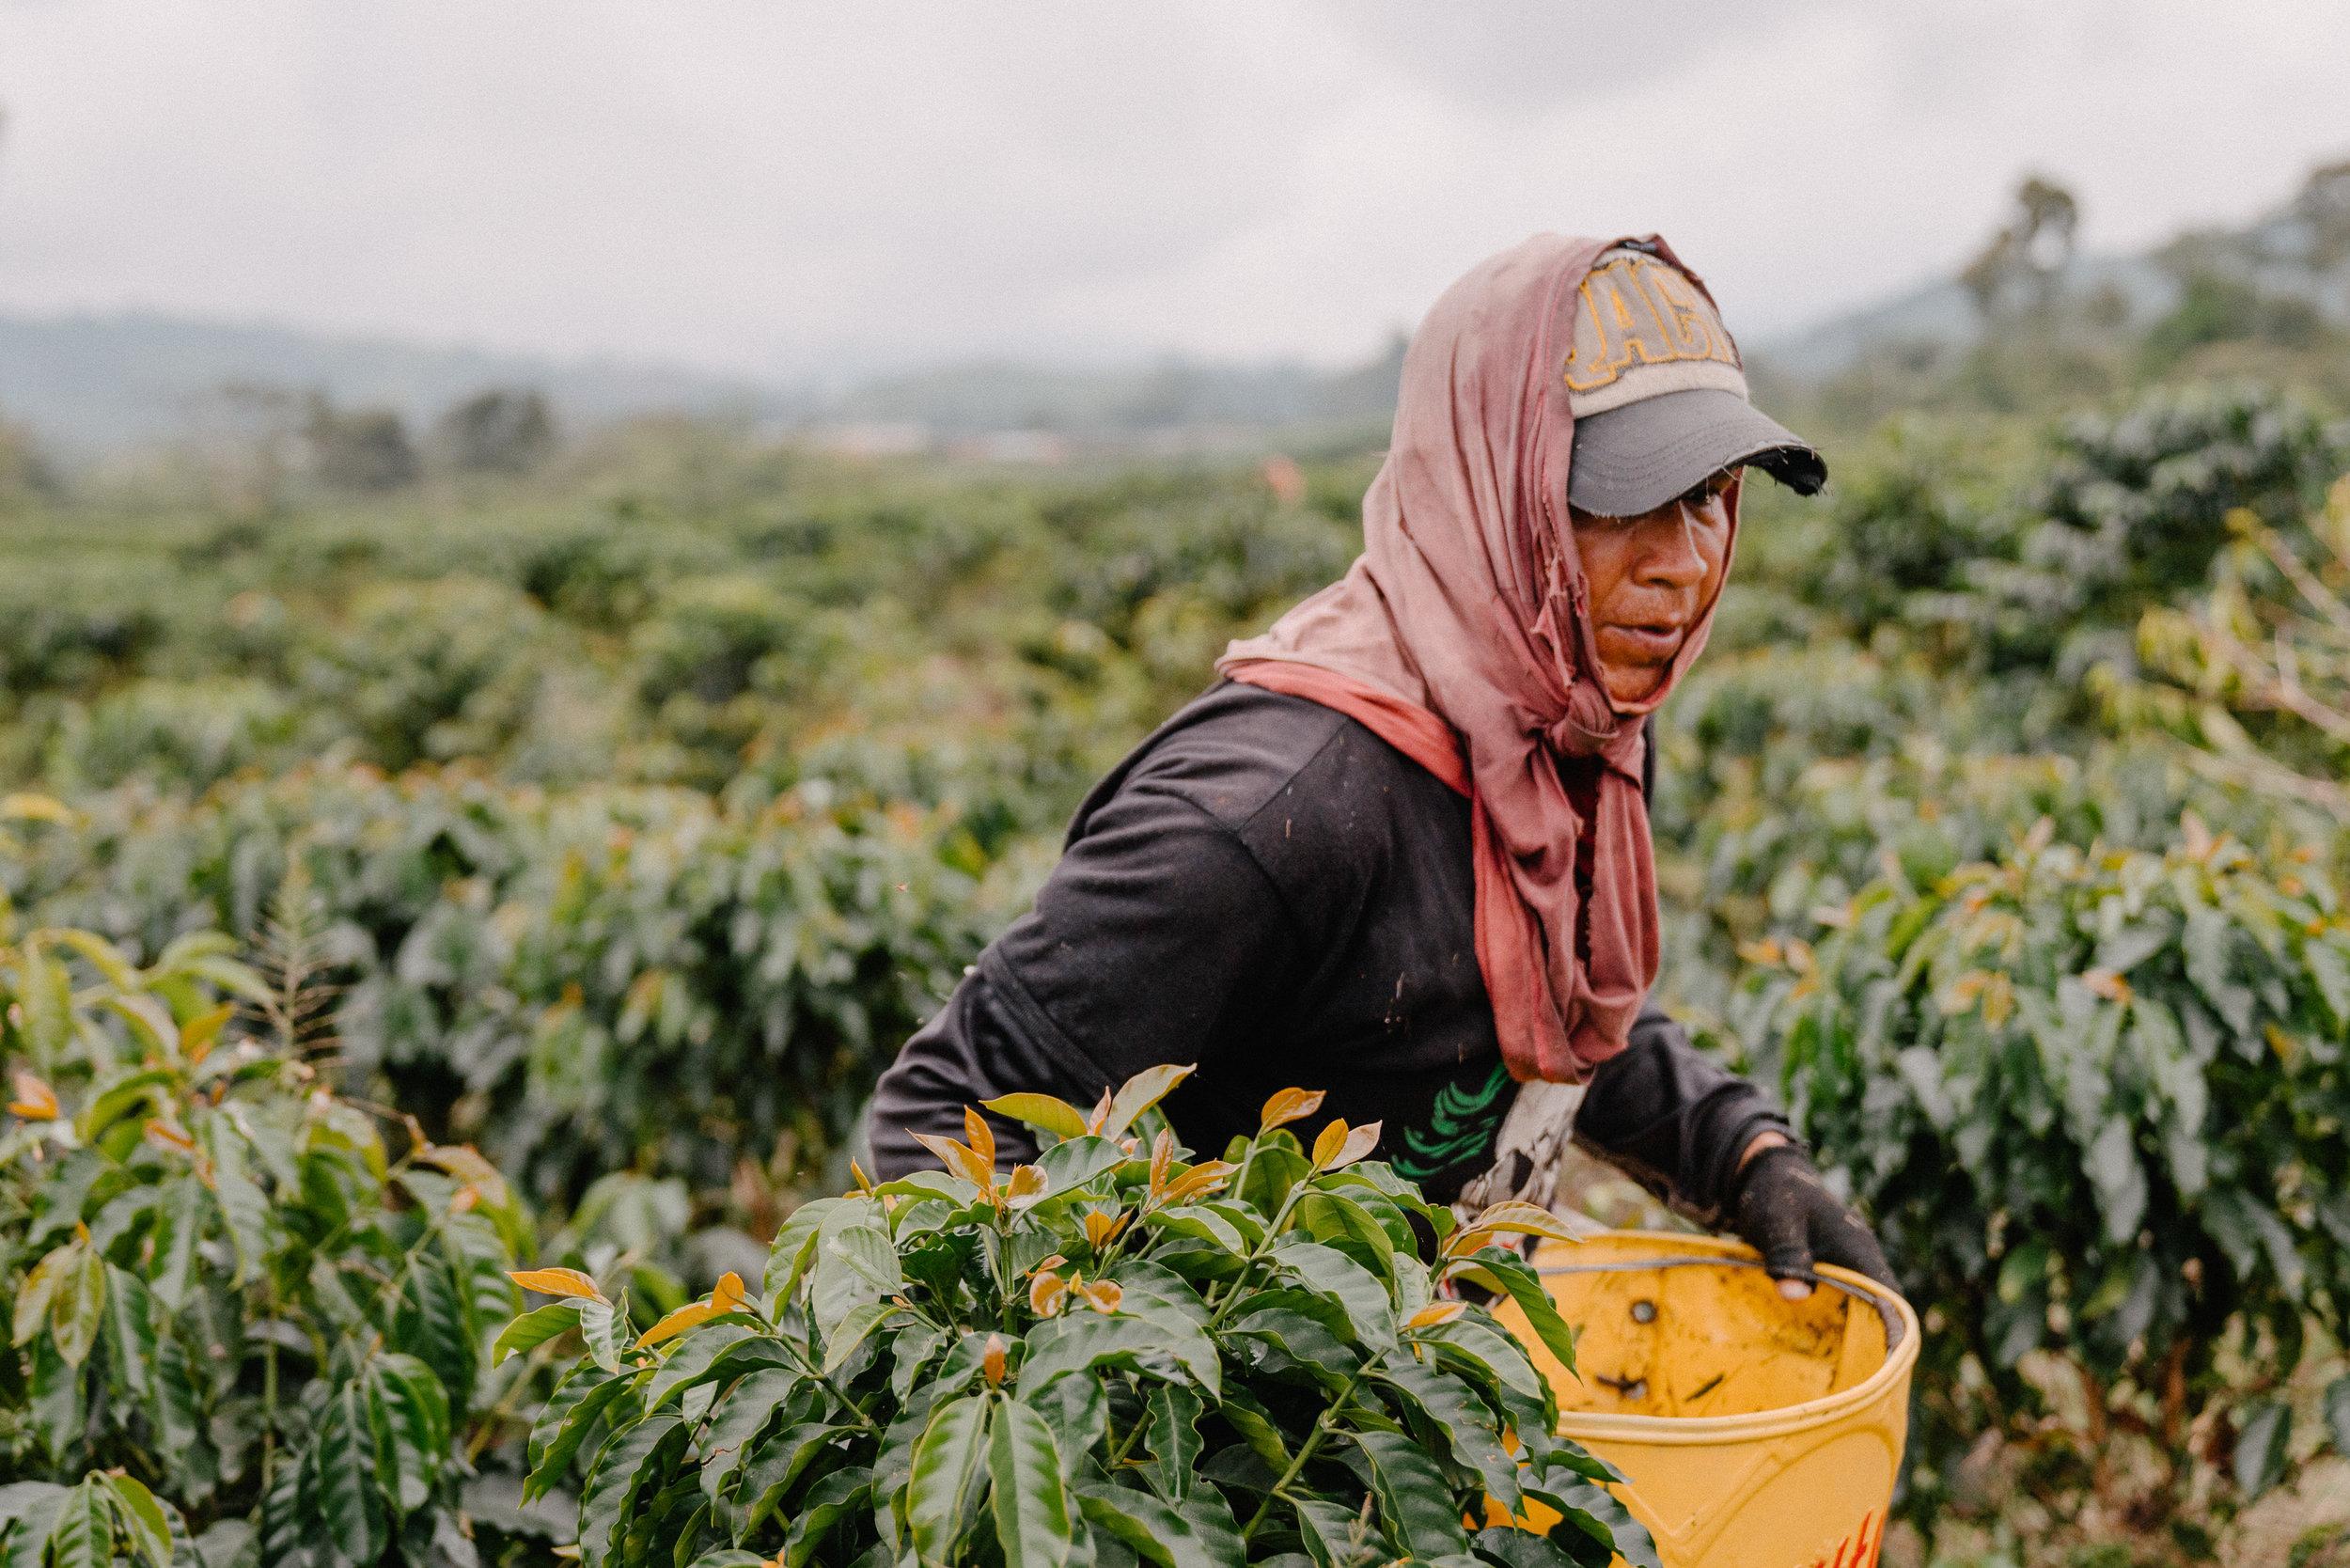 Emanuel-Hahn-Colombia-Coffee-Farmers-Huila-Manizales-Pagpropina-15.jpg